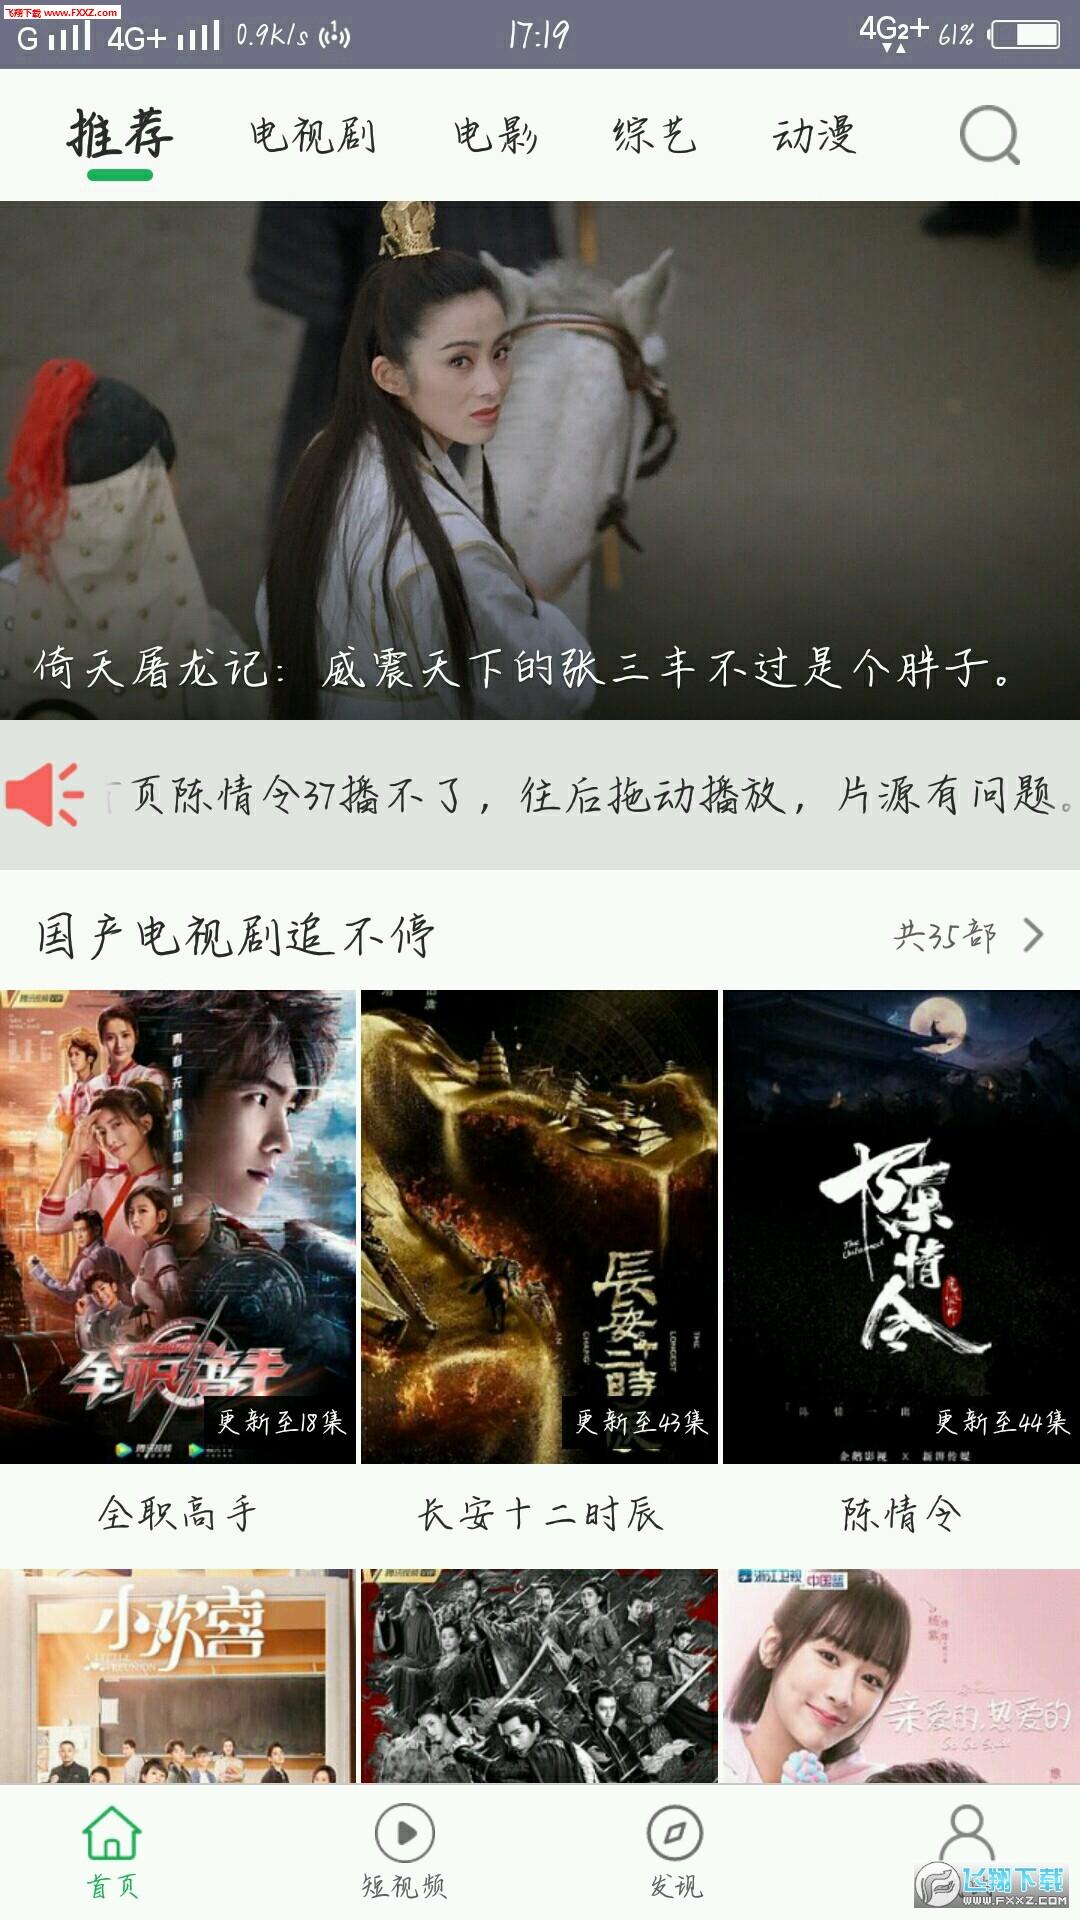 大象视频app院线大片免费看v1.0.3截图0